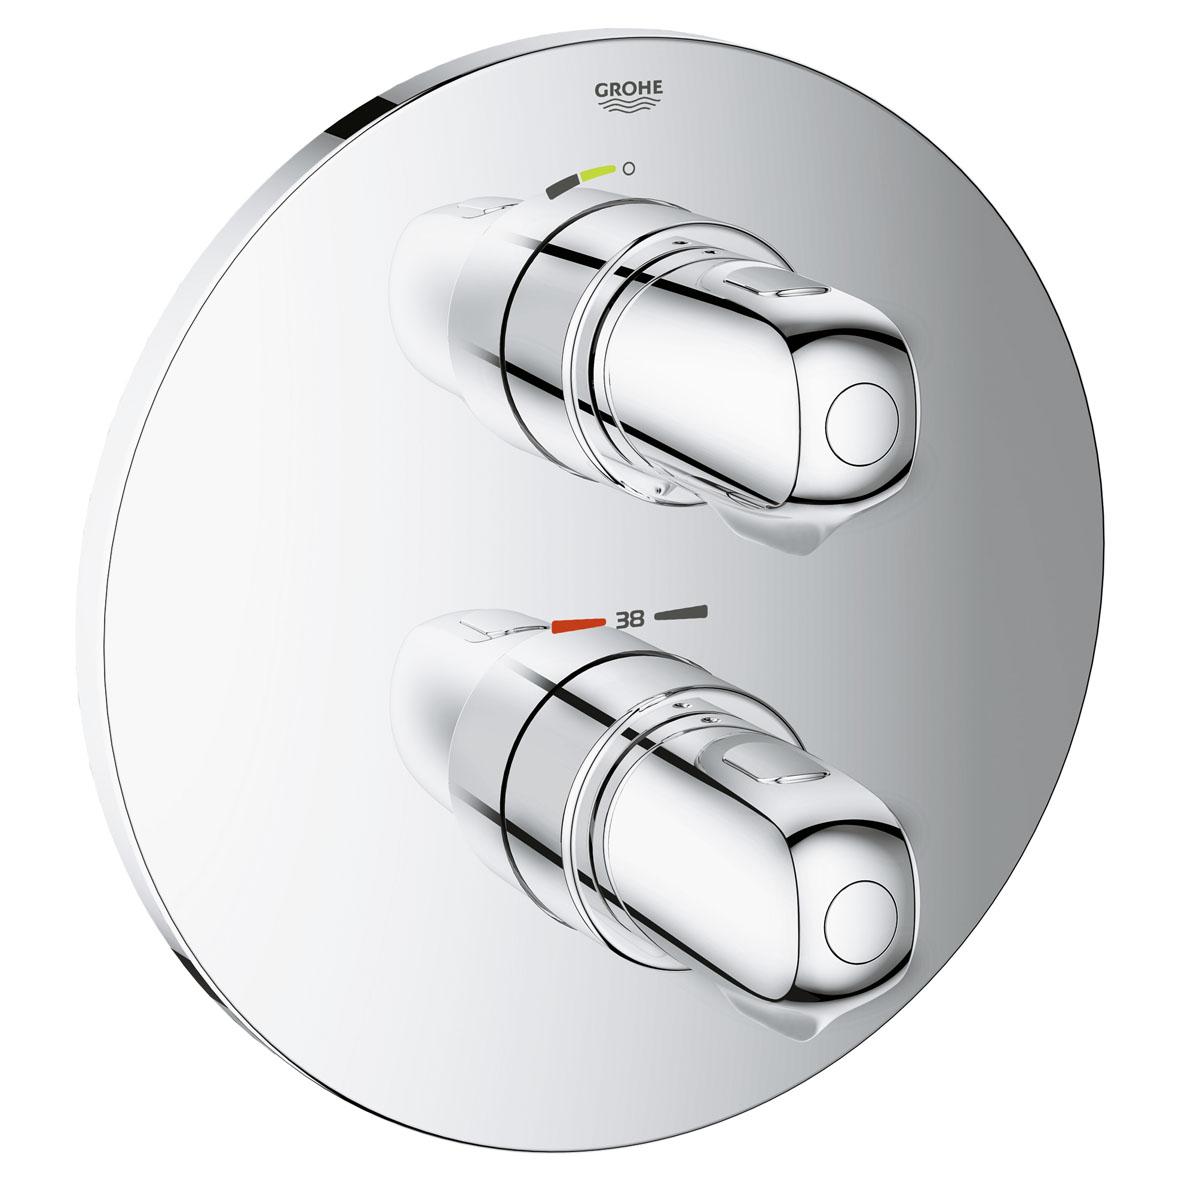 """Термостат Grohe """"Grohtherm 1000 New"""" с глянцевым покрытием позволит вам модернизировать  оснащение своей ванной комнаты. С помощью эргономичных металлических рукояток  температуру и напор воды можно регулировать с минимальным усилием – даже если у вас  намылены руки. Механизм защиты от ошпаривания SafeStop не позволяет пользователям  случайно увеличить температуру воды до опасных значений. Клавиша экономичного режима EcoButton позволит сократить расход воды почти вдвое.  Устойчивое к царапанию глянцевое хромированное покрытие Grohe StarLight придает данному  элементу оборудования неприхотливость в уходе. Система Grohe QuickFix делает процесс  установки простым и понятным."""